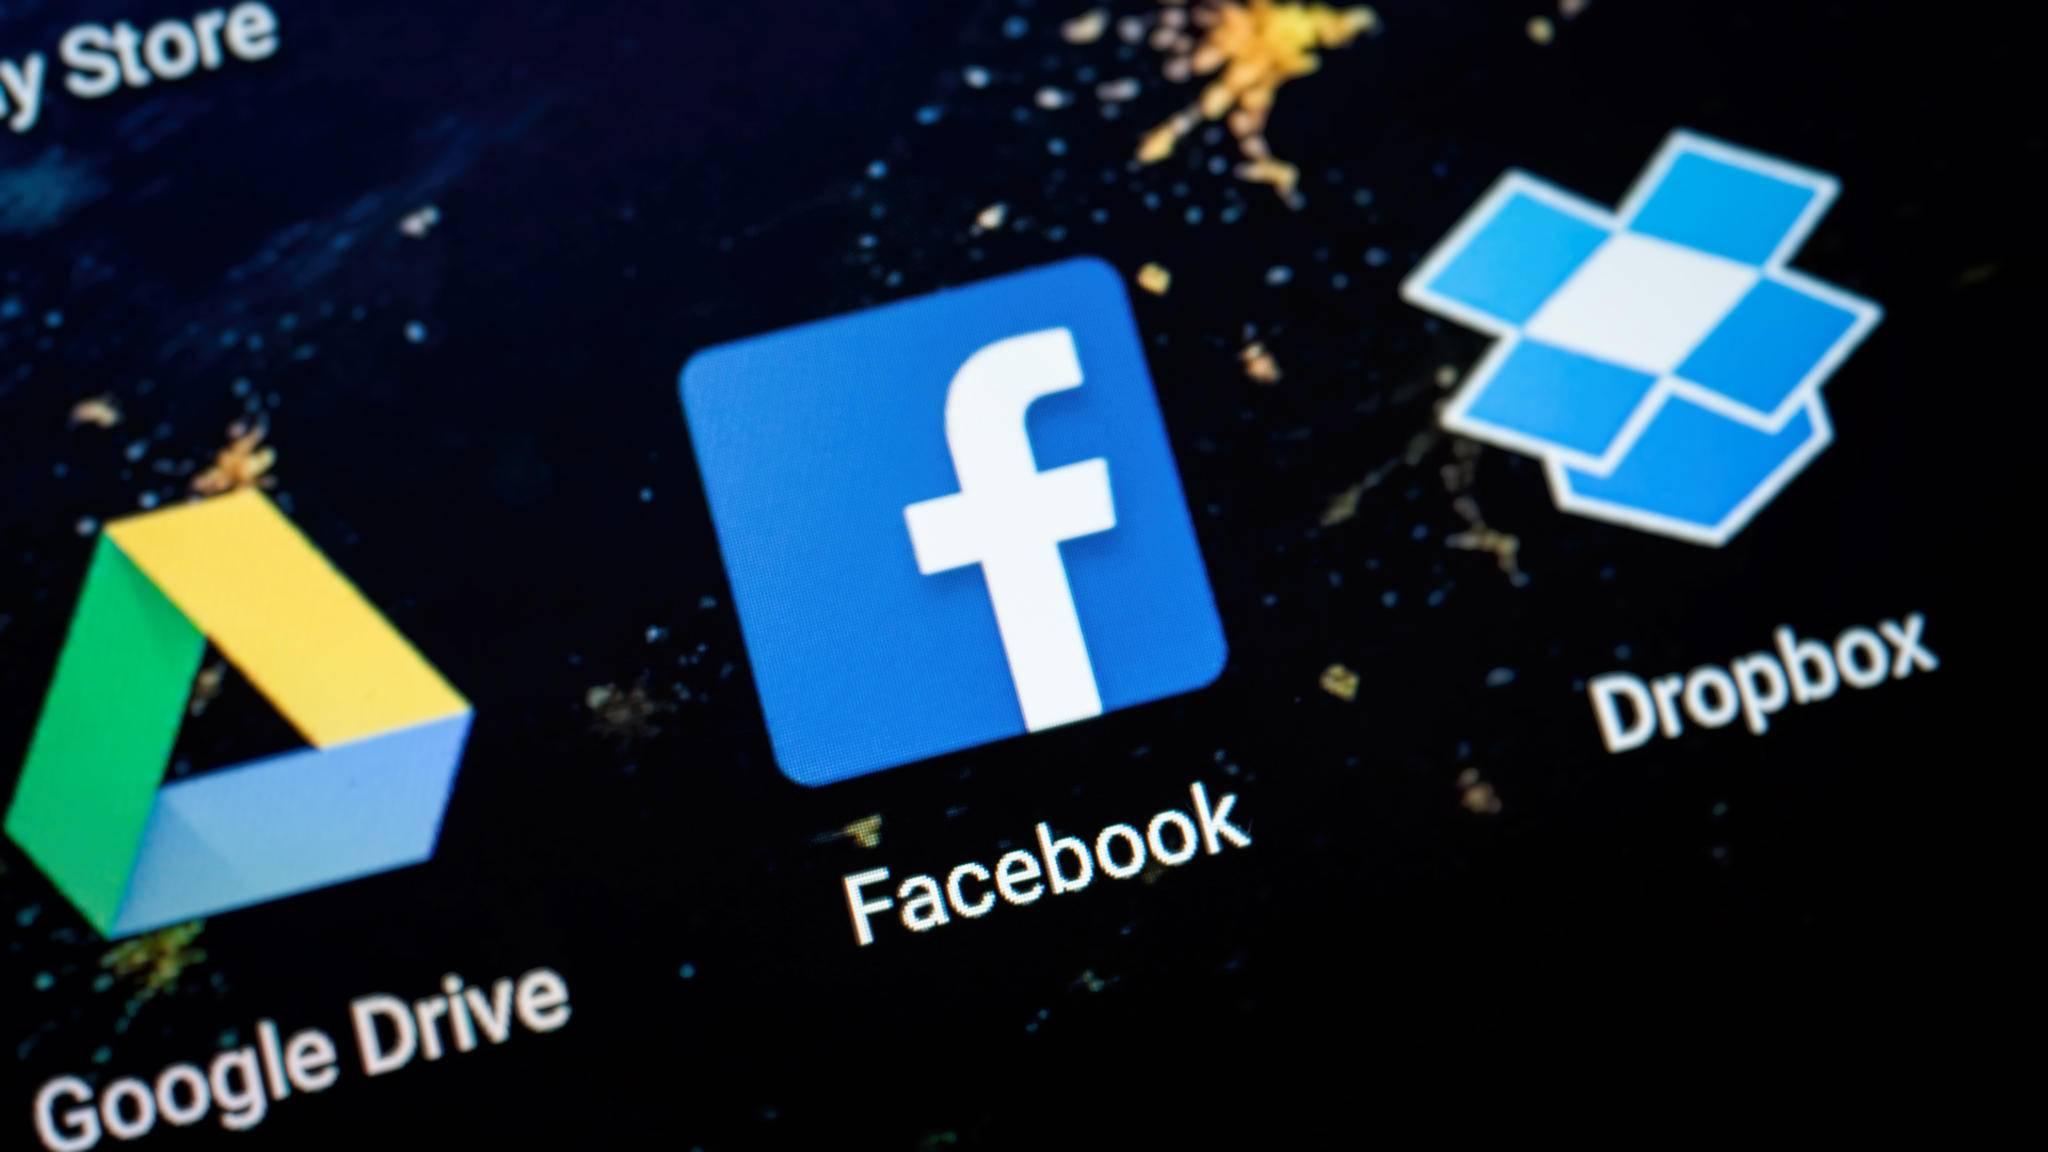 Facebook zählt jetzt zwei Milliarden aktive Nutzer pro Monat.